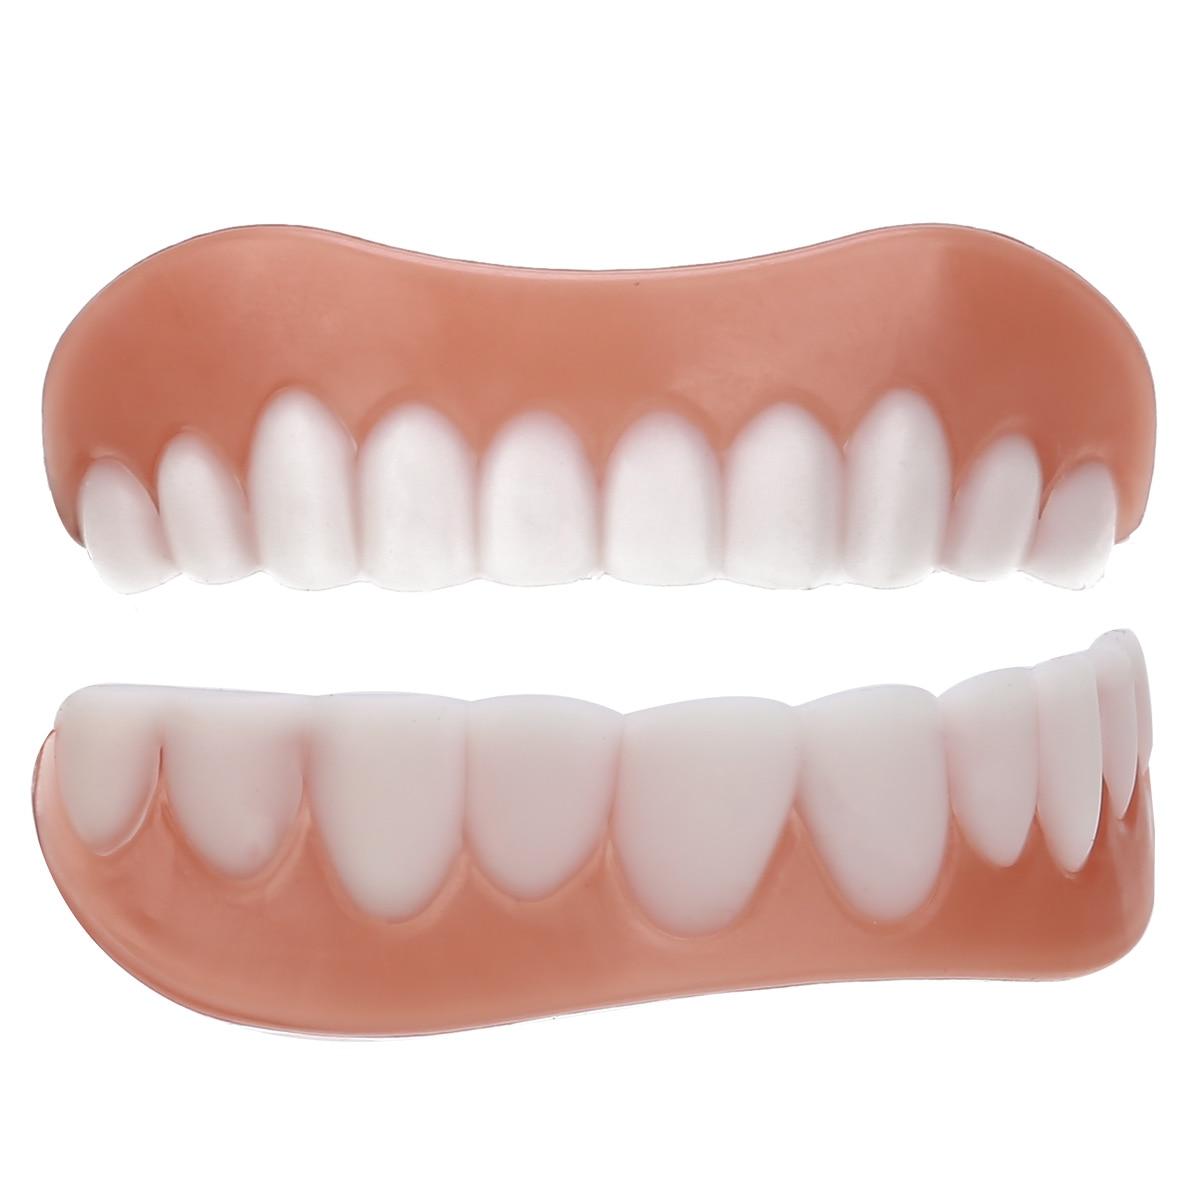 Top & Bottom Teeth Veneer Smile Perfect Snap Silicone Simulation Flex Denture Veneer Cosmetic Teeth Cover Whitening Braces